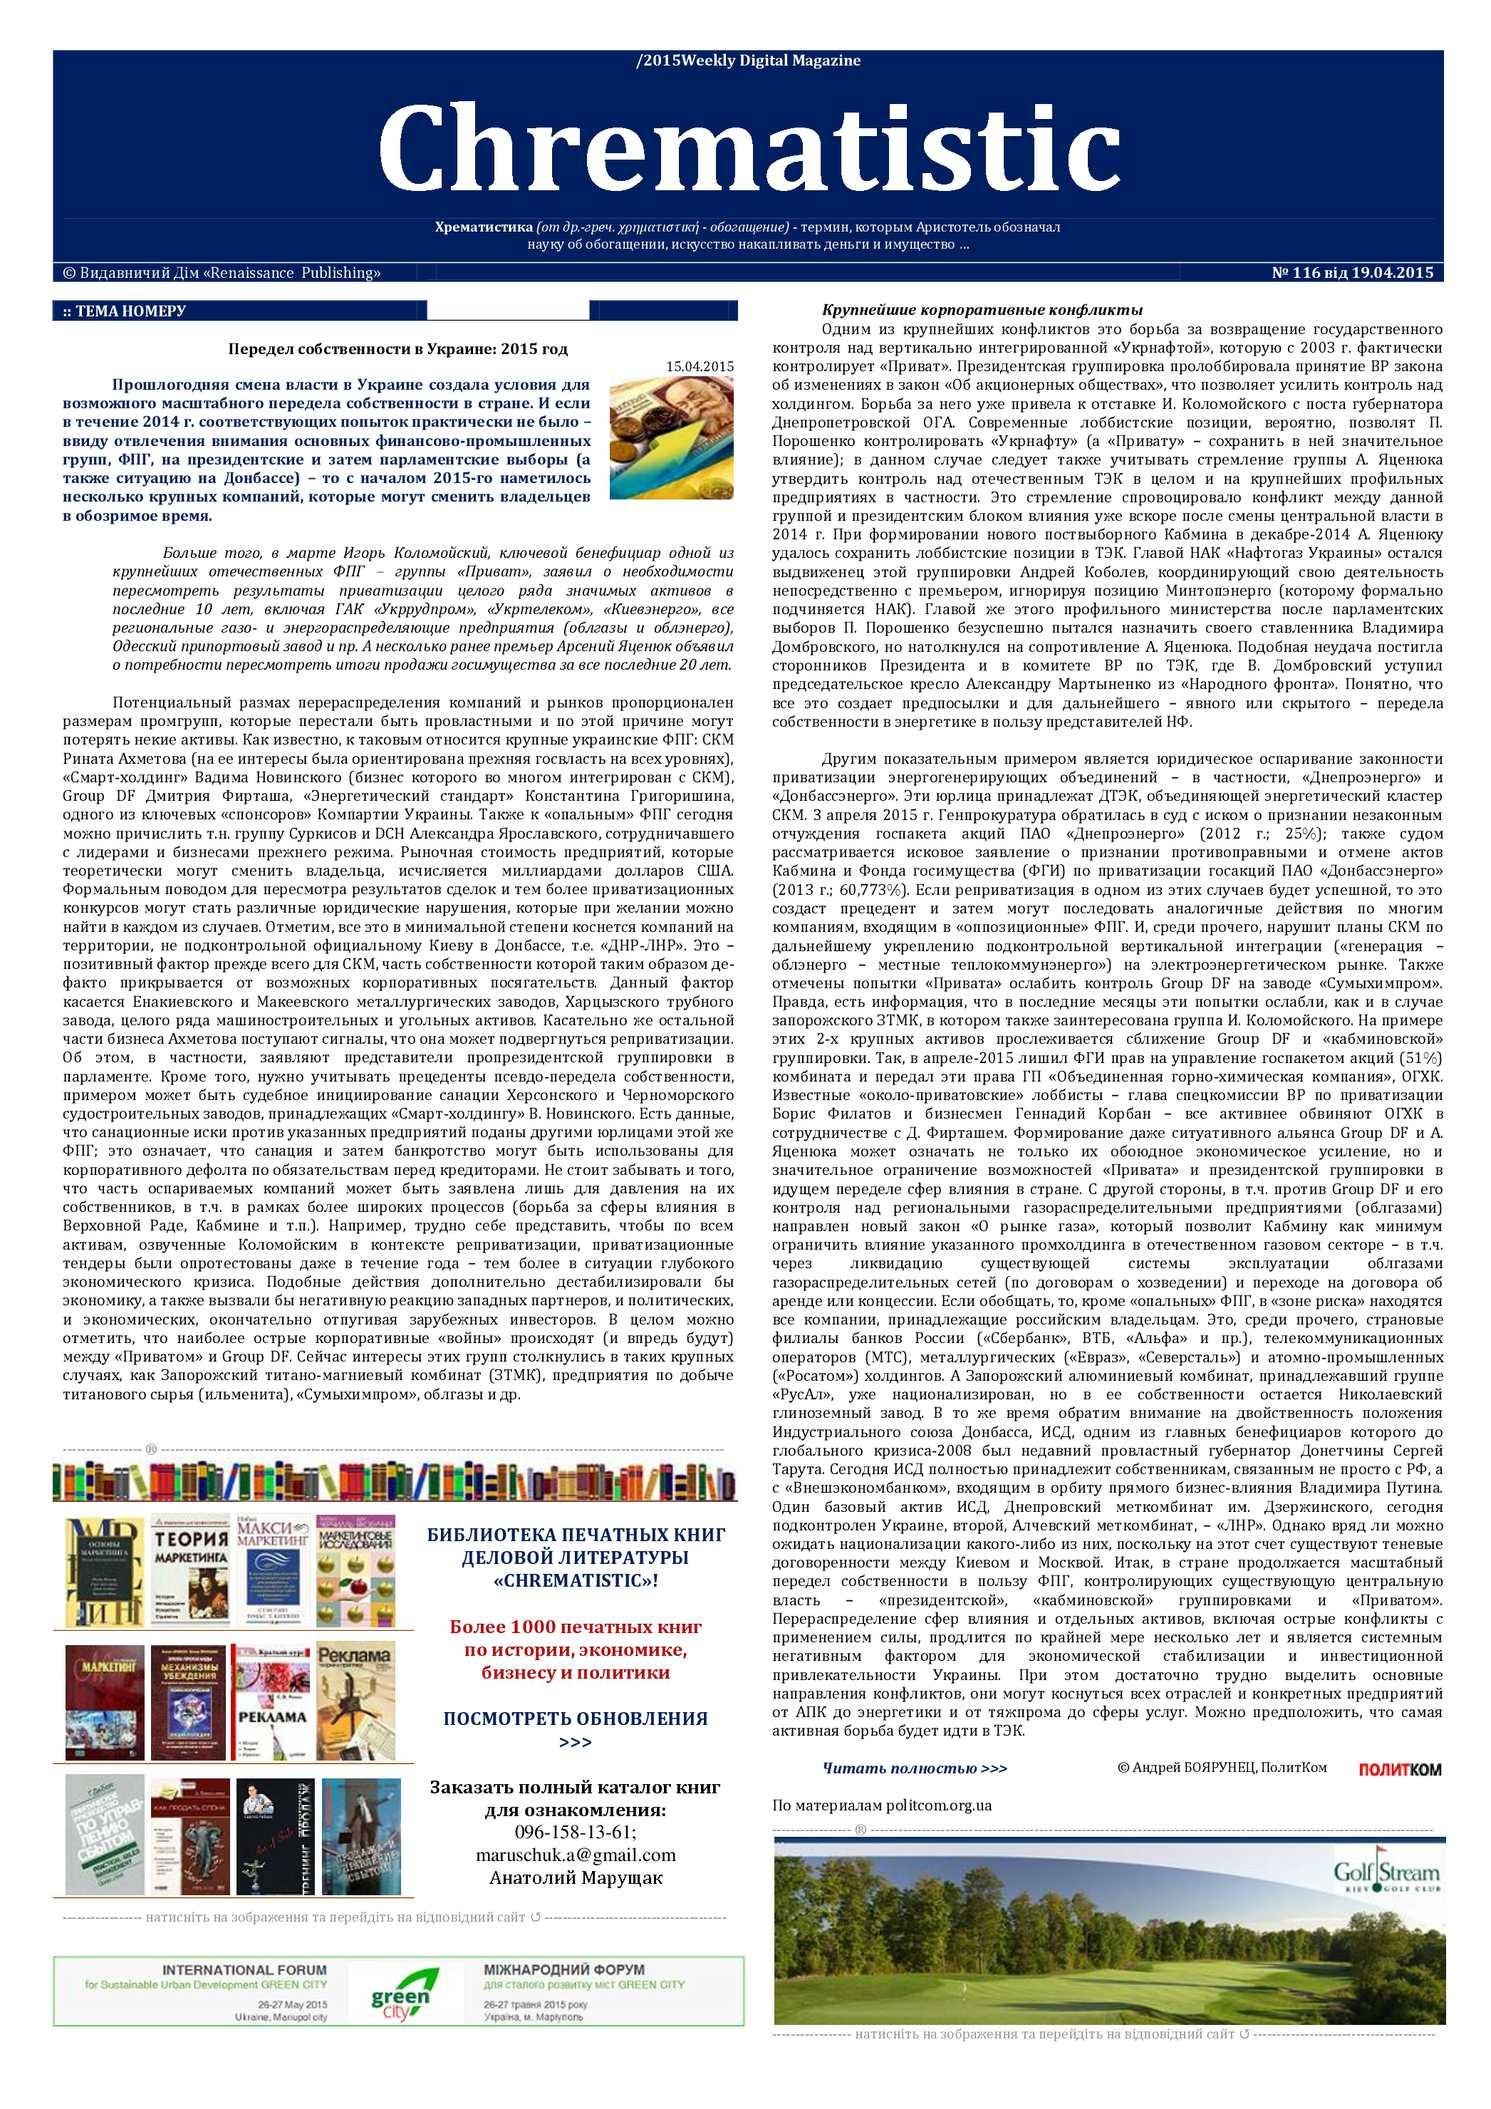 Calaméo - №116 Wdm «Chrematistic» от 19 04 2015 9f97237a4ee